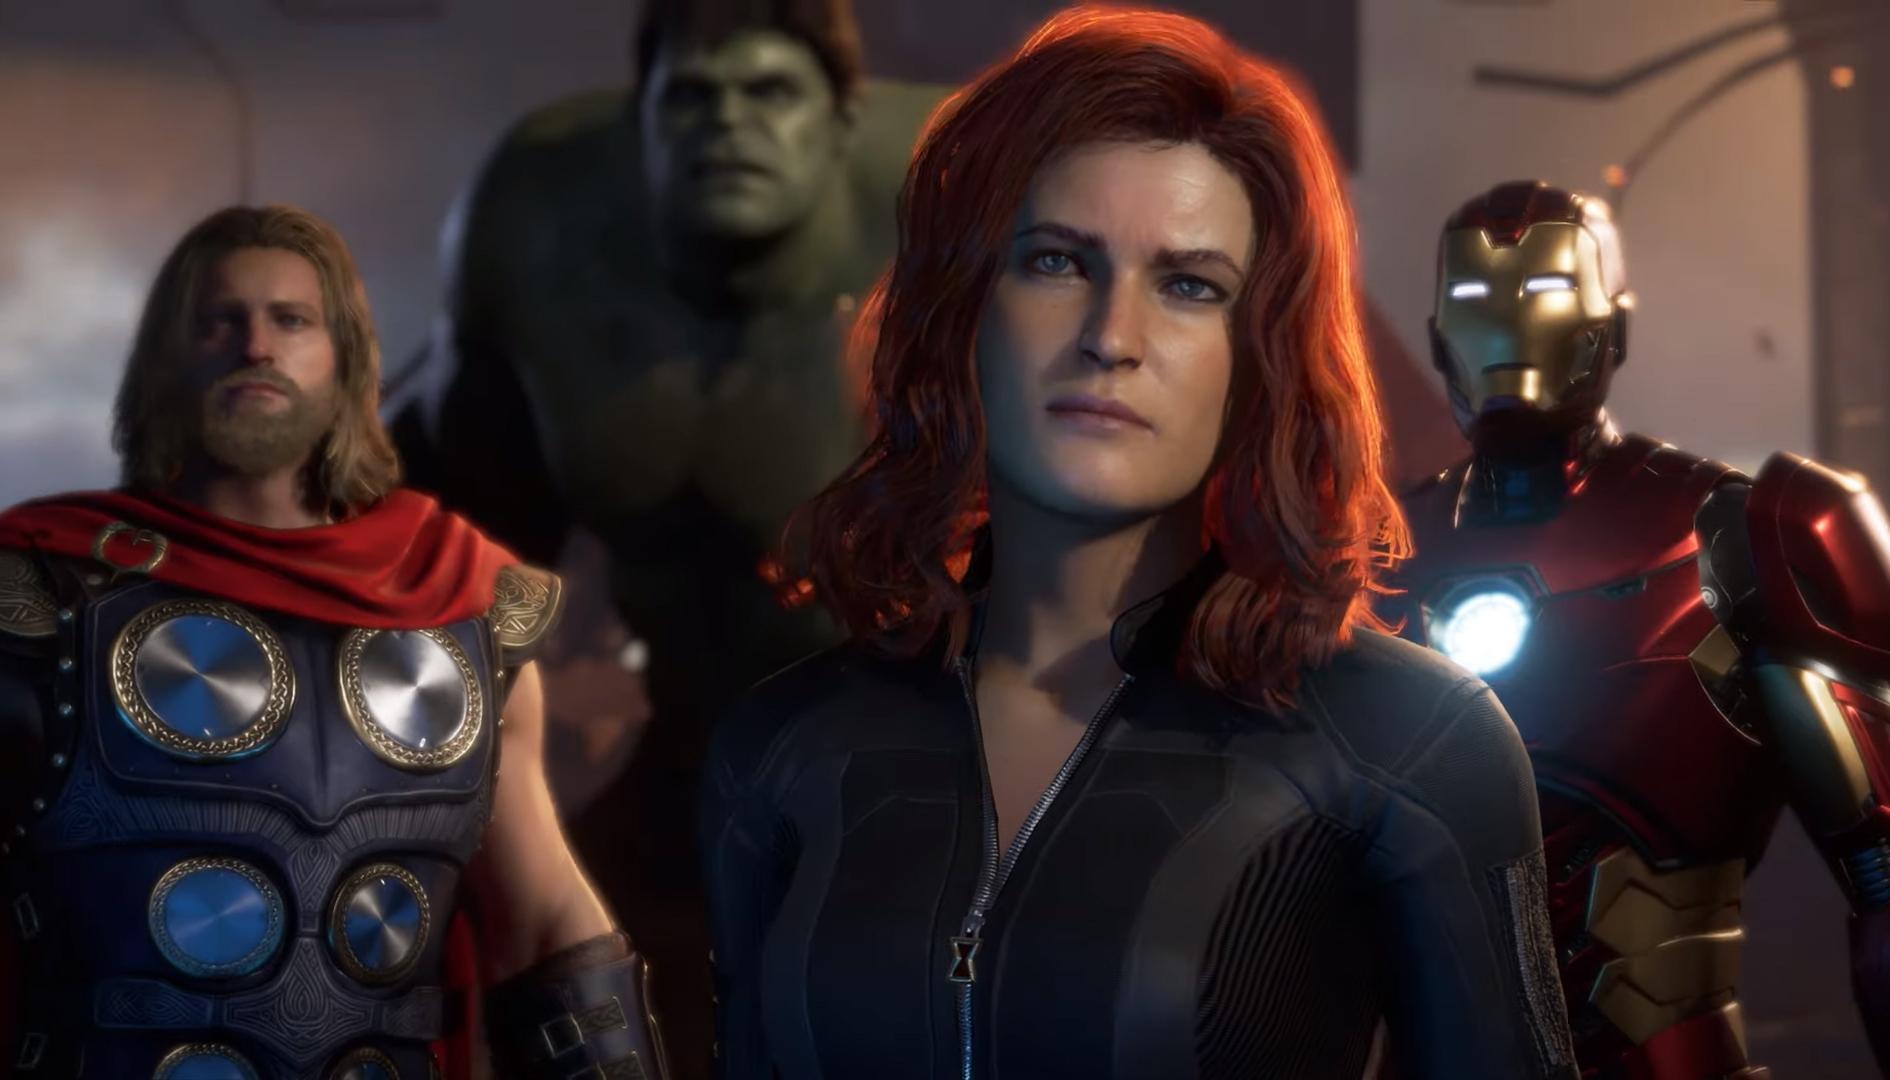 Marvel's Avengers 1612020 1